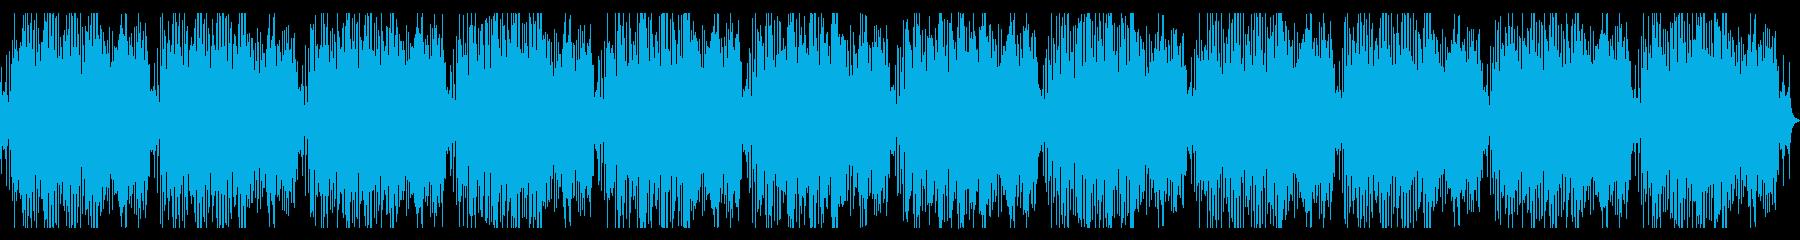 リコーダー・ゲーム・アニメ・ファンタジーの再生済みの波形